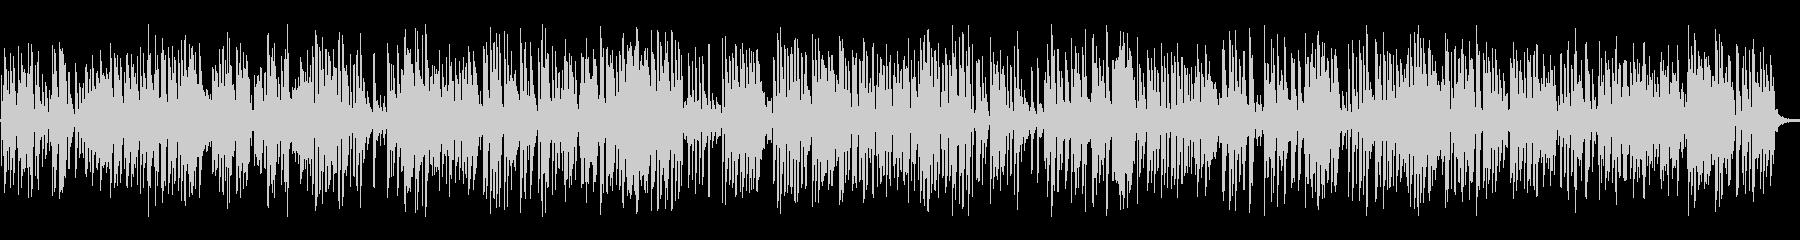 バーで流れるおしゃれなジャズピアノトリオの未再生の波形